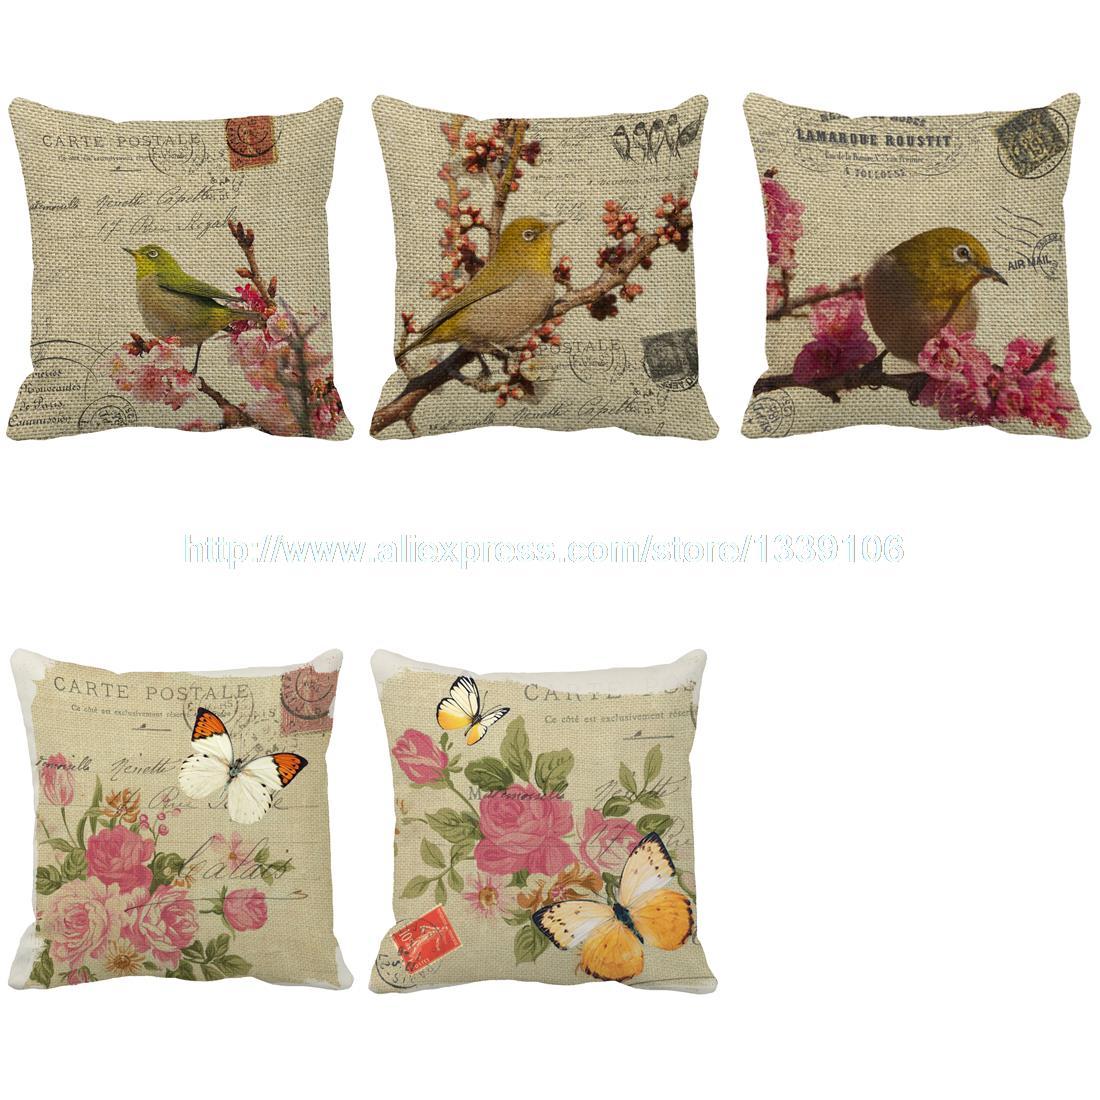 Russe rétro rural brids floral série personnalisé Personnalisé chaise lit retour coussins décor à la maison canapé throw décoratif oreillers